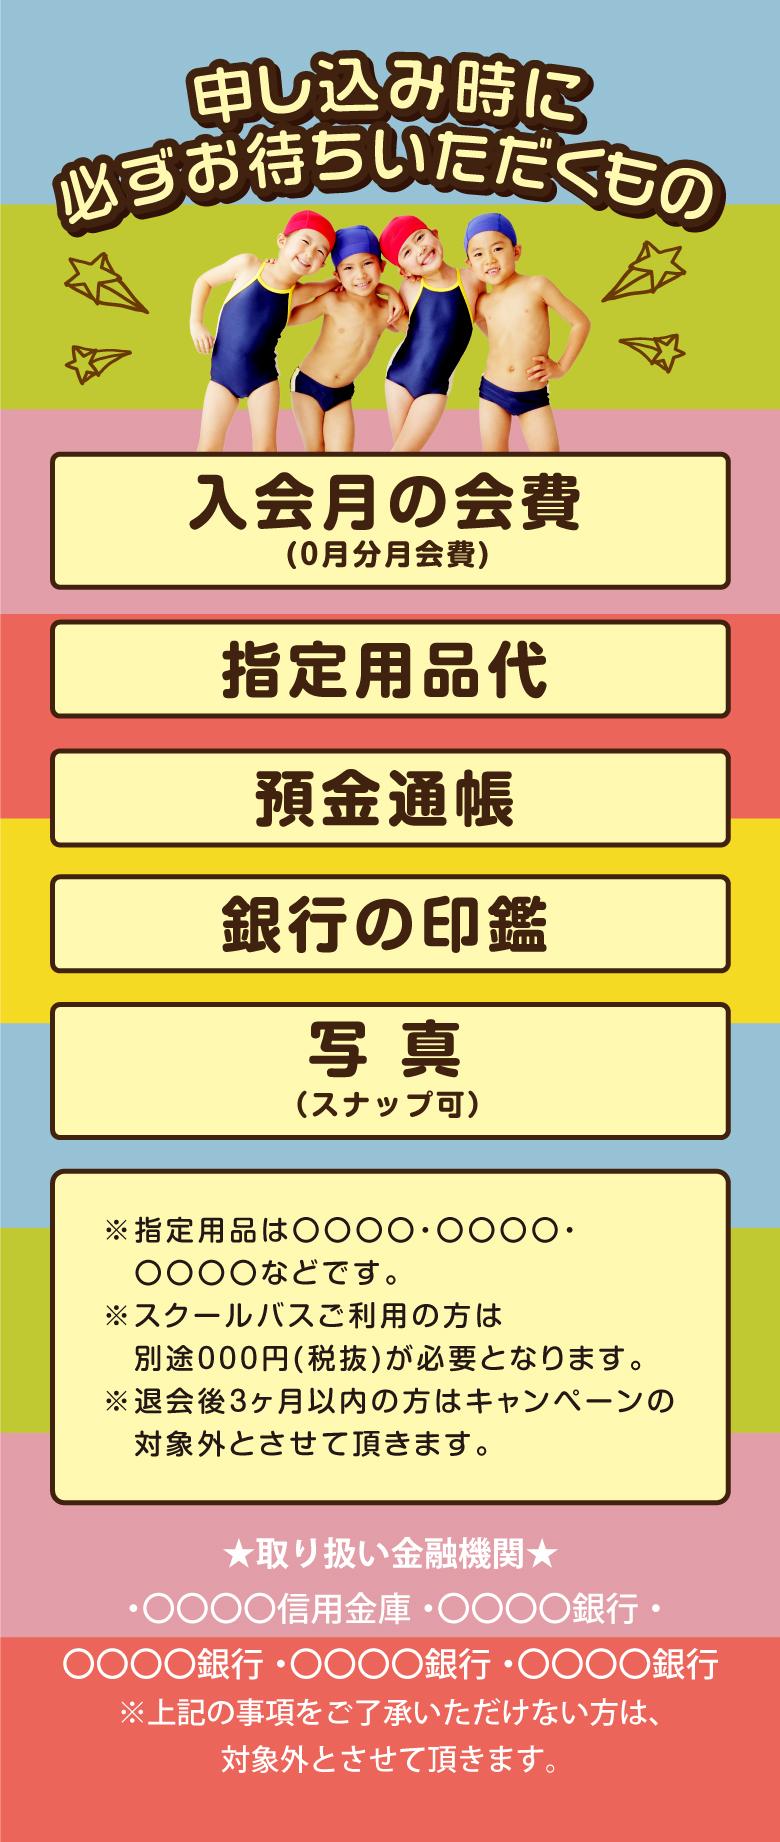 cv-case-ch-20h_d-01-2